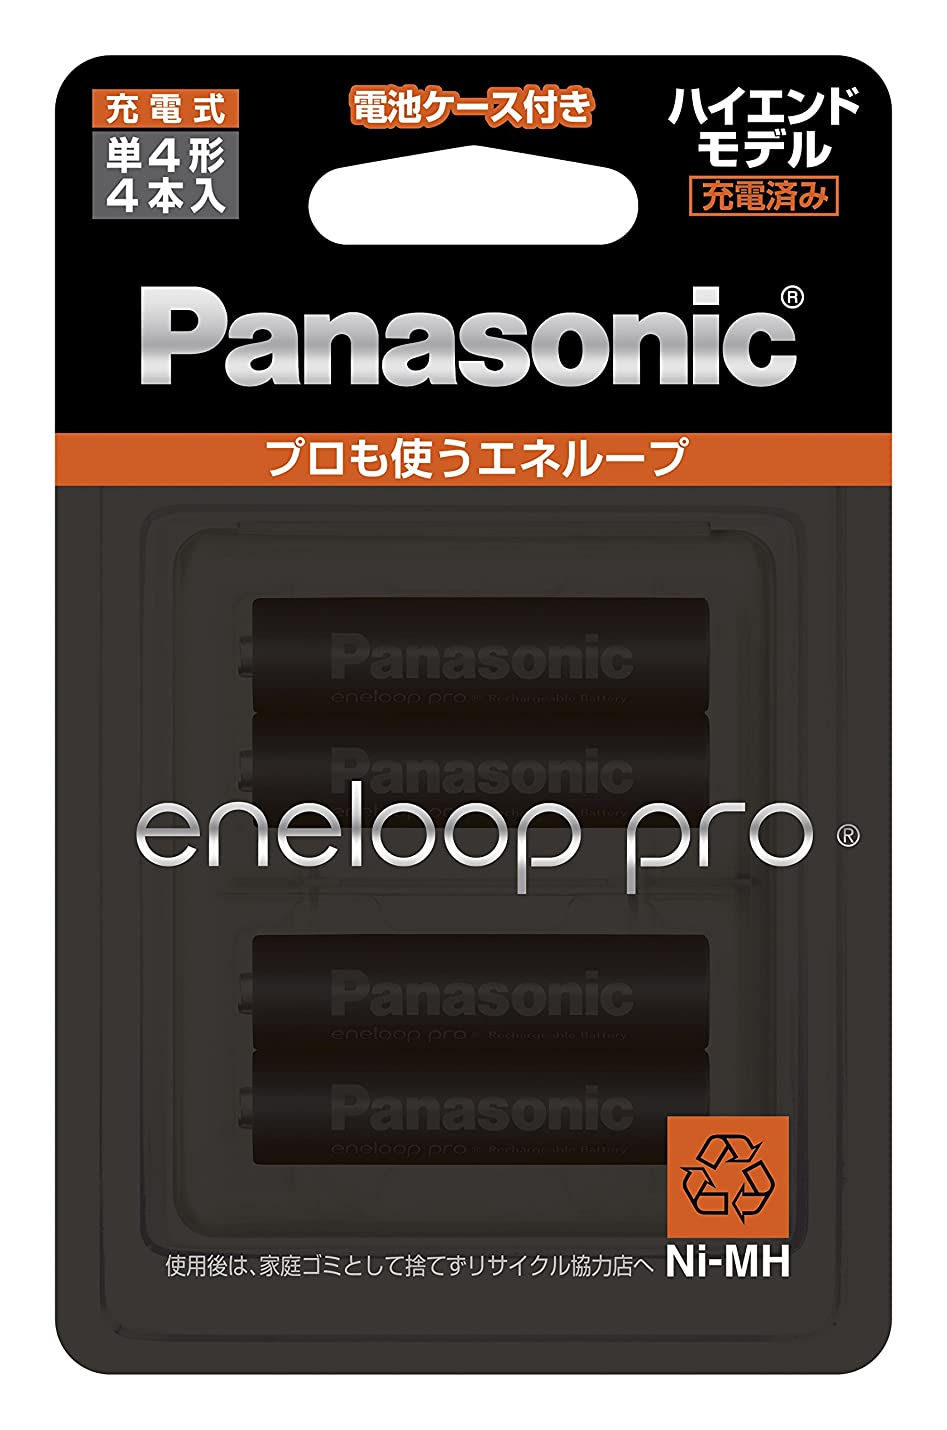 誓約泣く願うパナソニック エネループ 単4形充電池 4本パック 大容量モデル エネループ pro BK-4HCD/4C